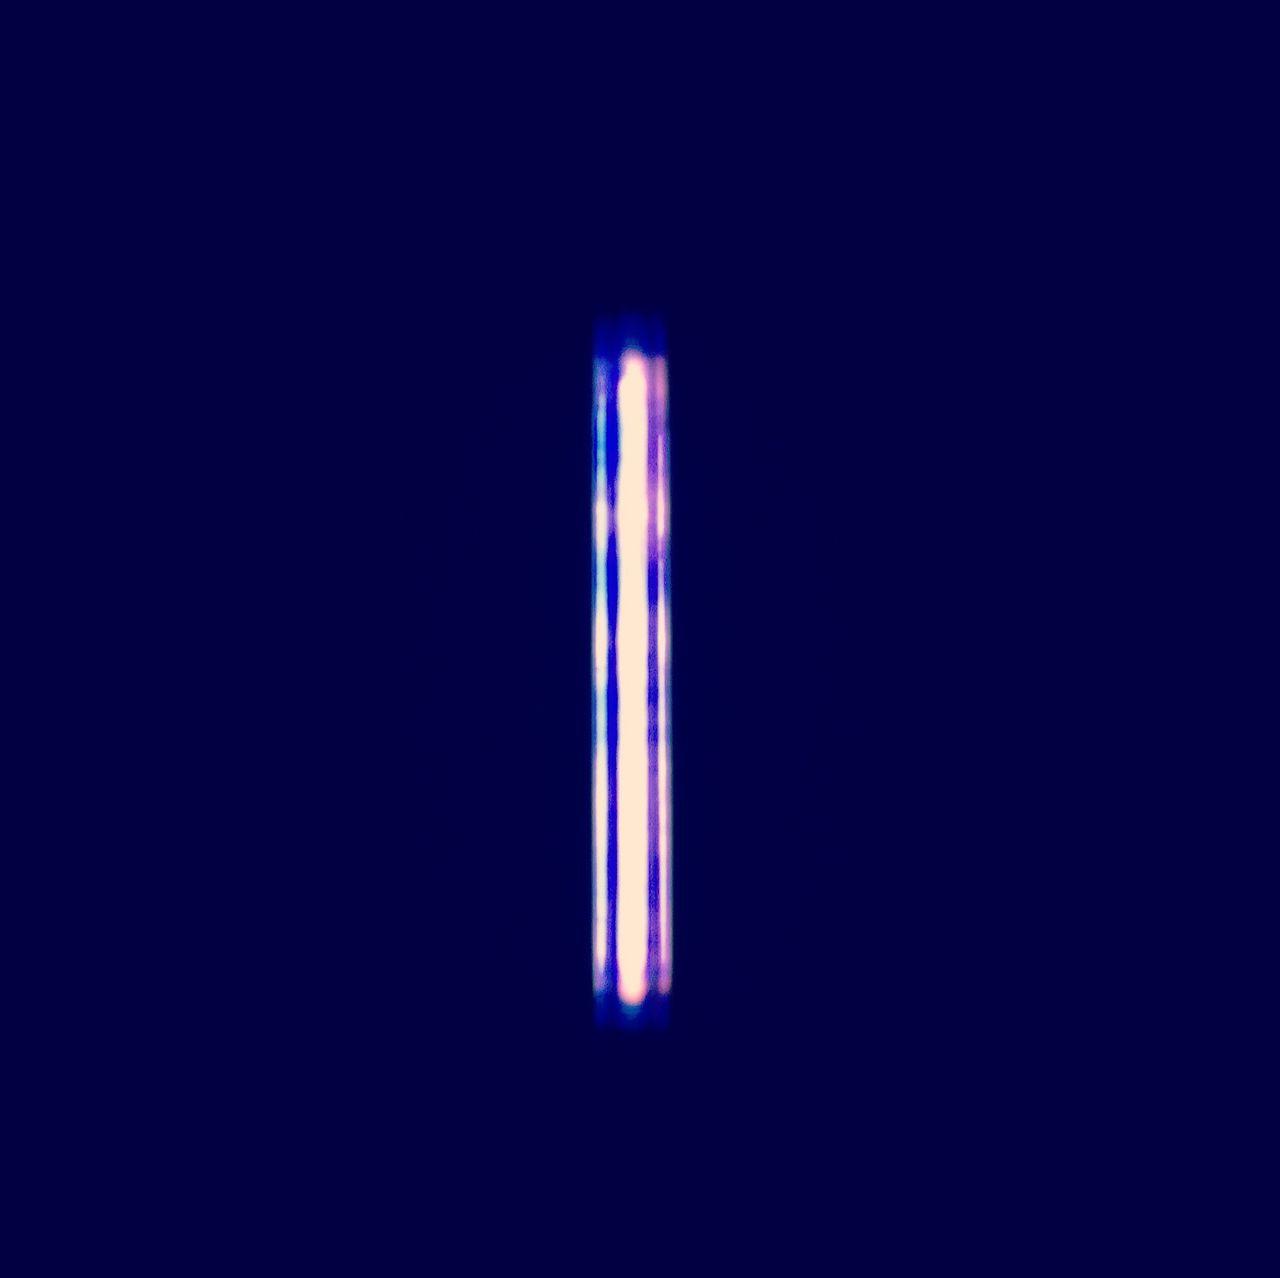 Neon Lights Neonnights Neonsign Onthefloor Neonlovers Neonmania No People Night Illuminated Bluelight